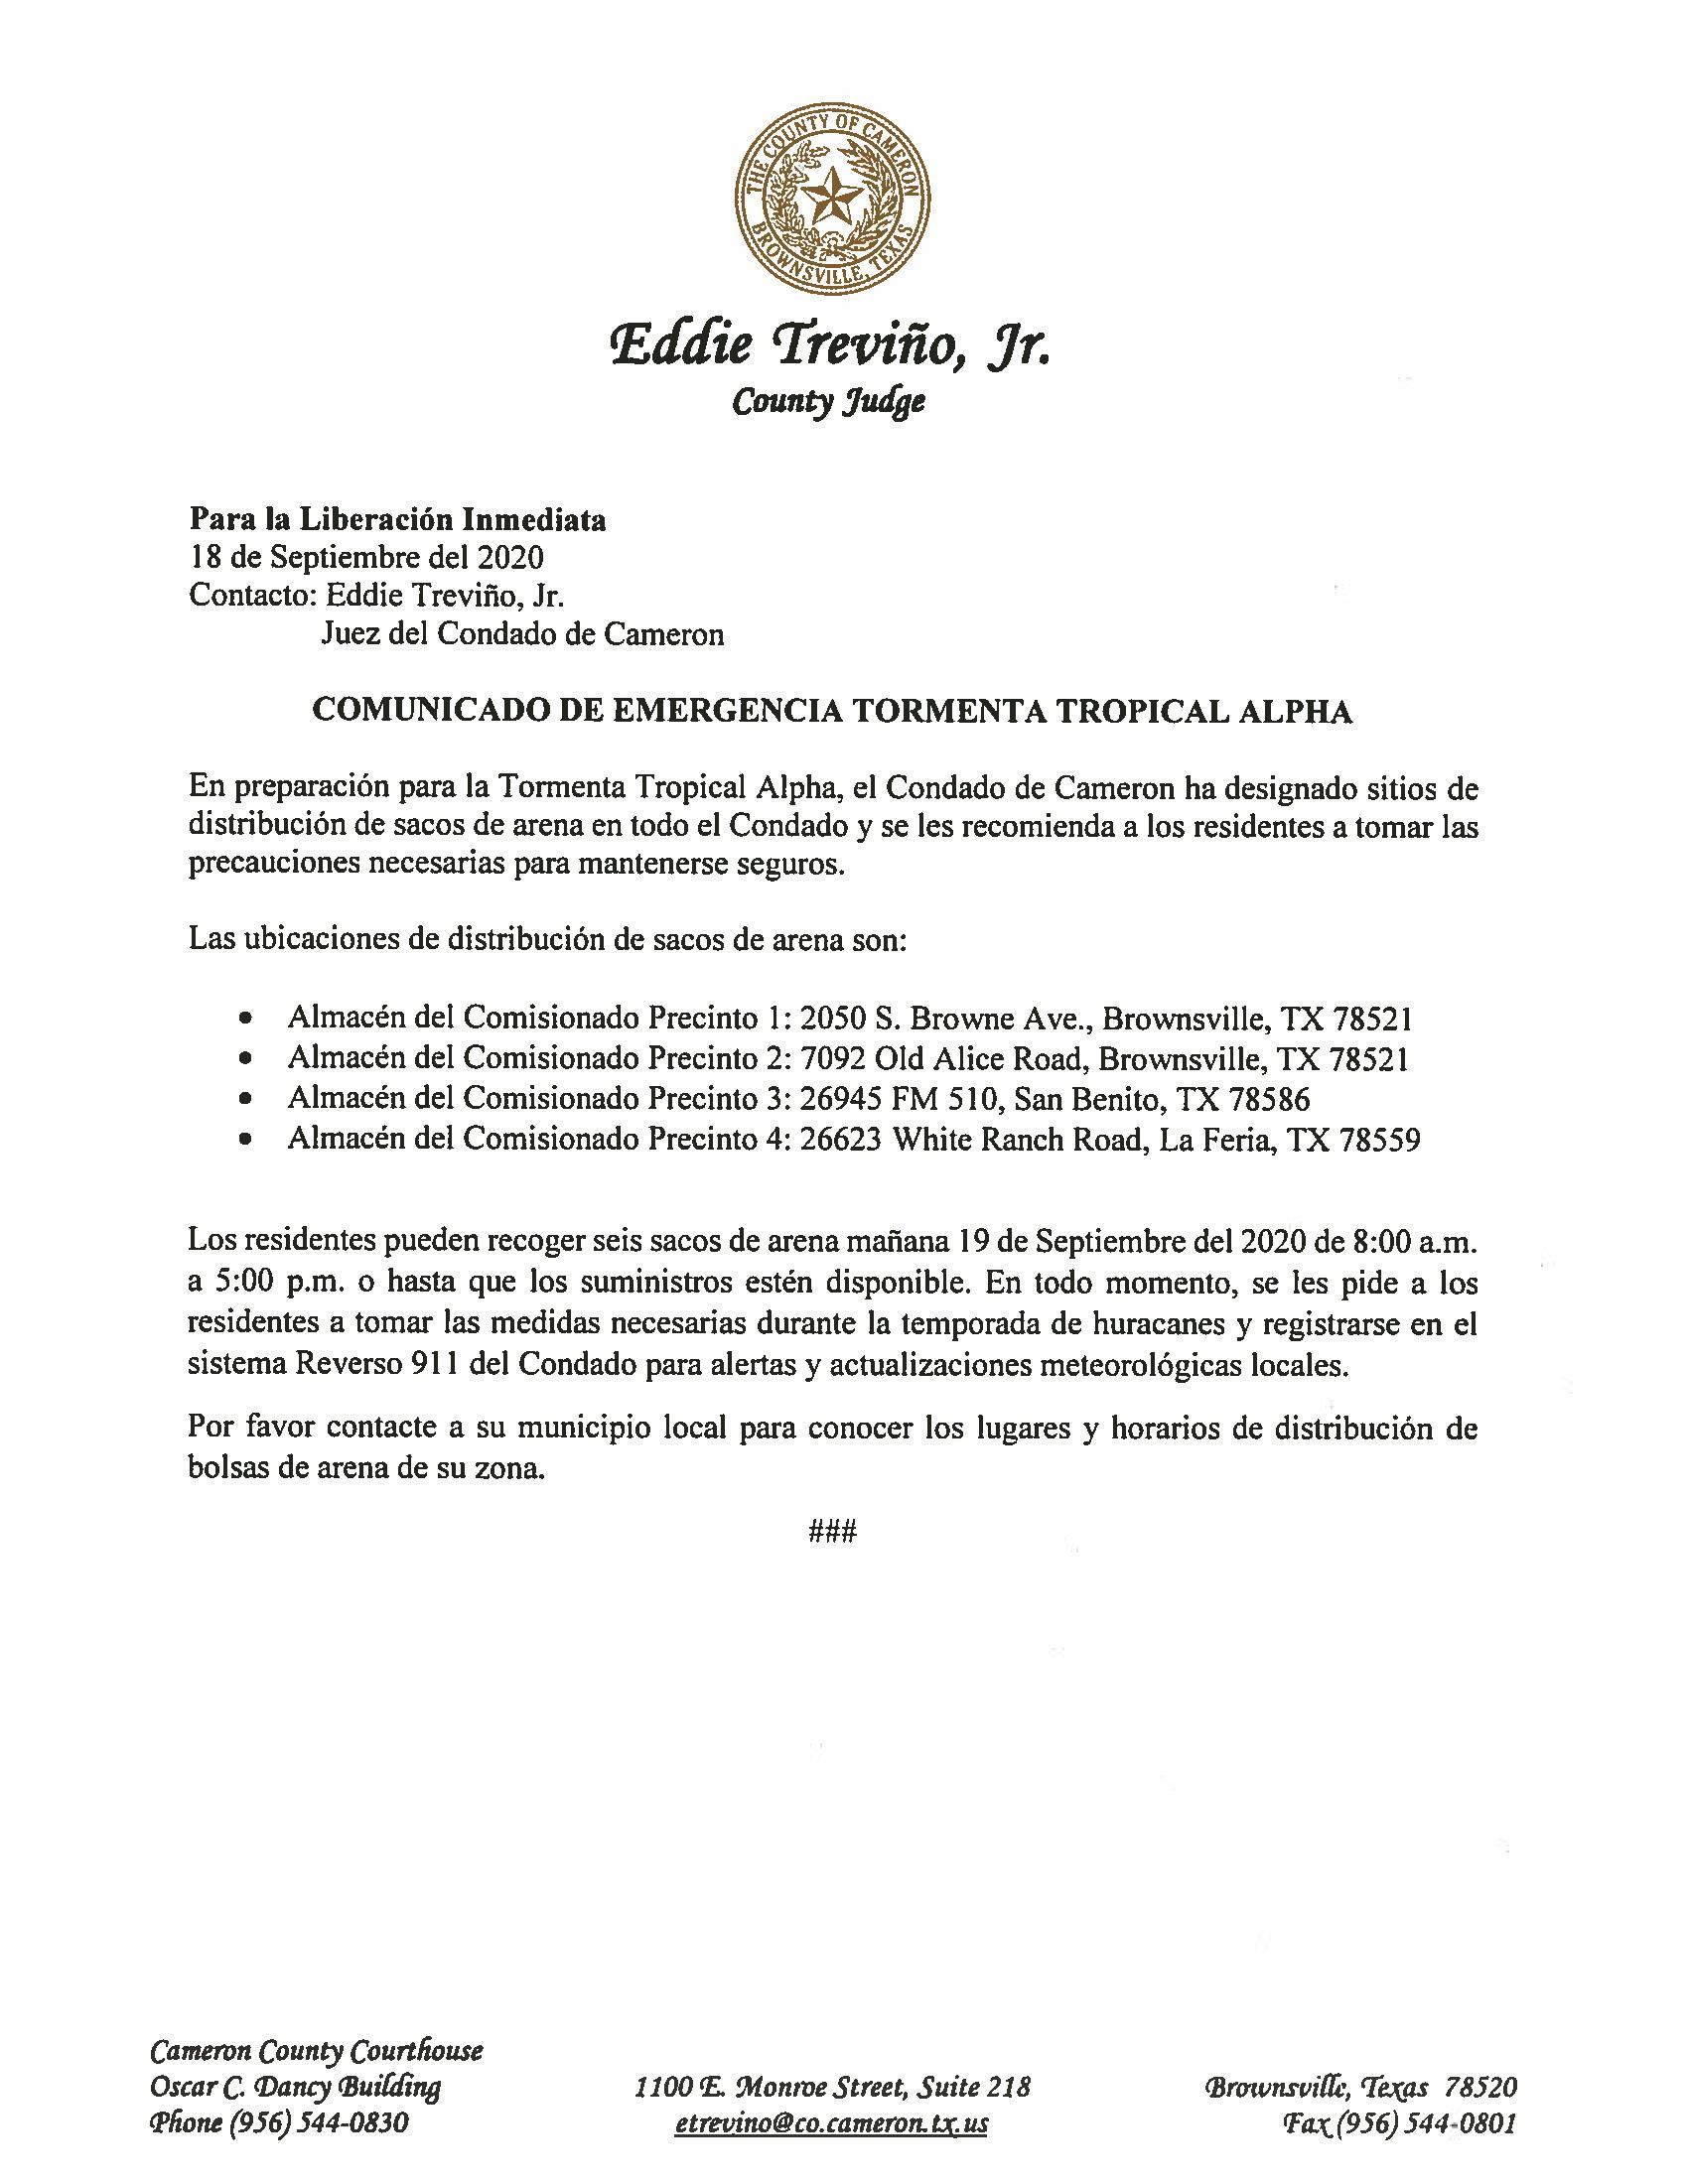 09.18.2020 Comunicado De Emergencia Tormenta Tropical Alpha